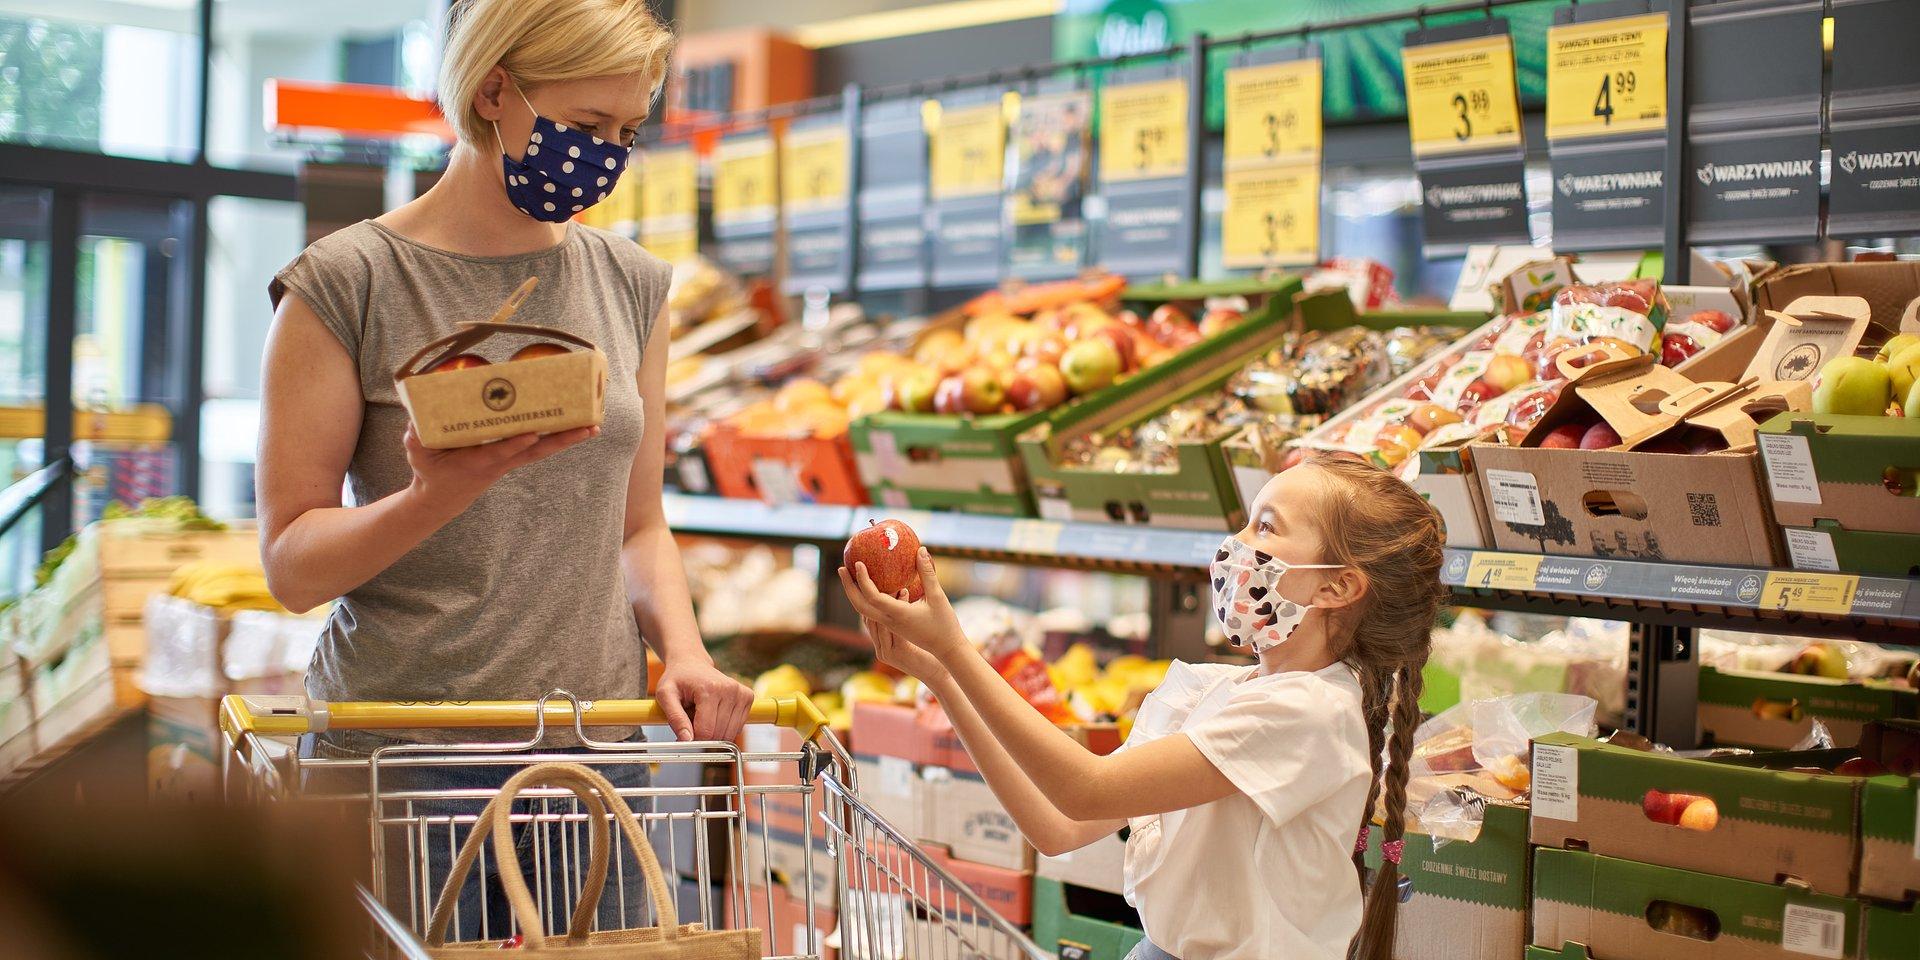 Promowanie zdrowych nawyków żywieniowych